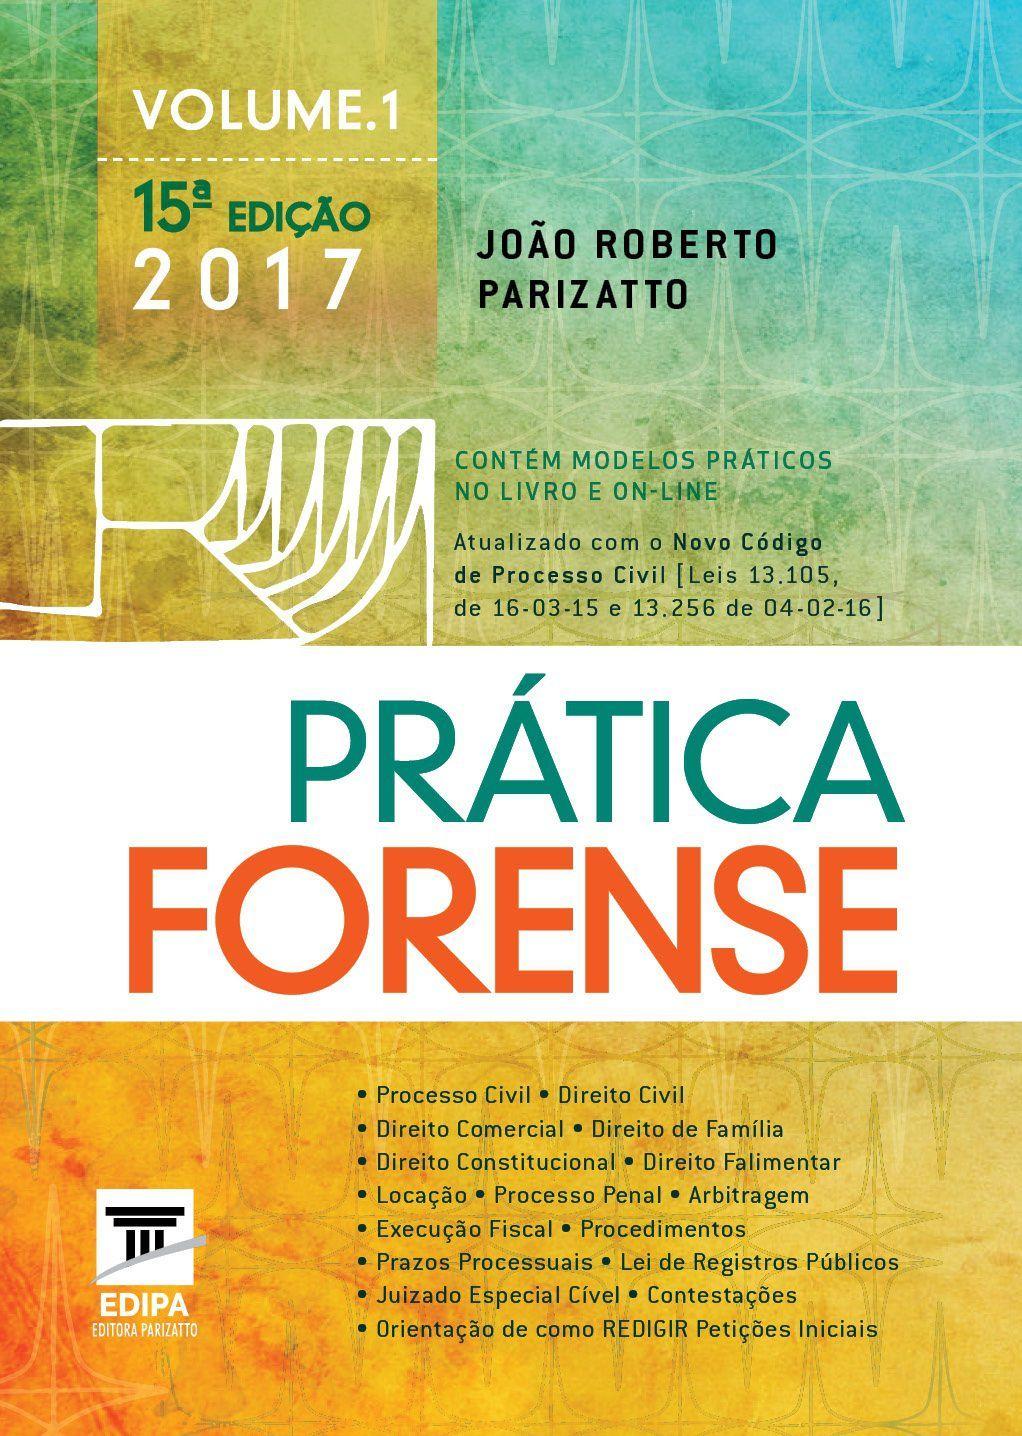 PRATICA FORENSE  vol. 1 e 2